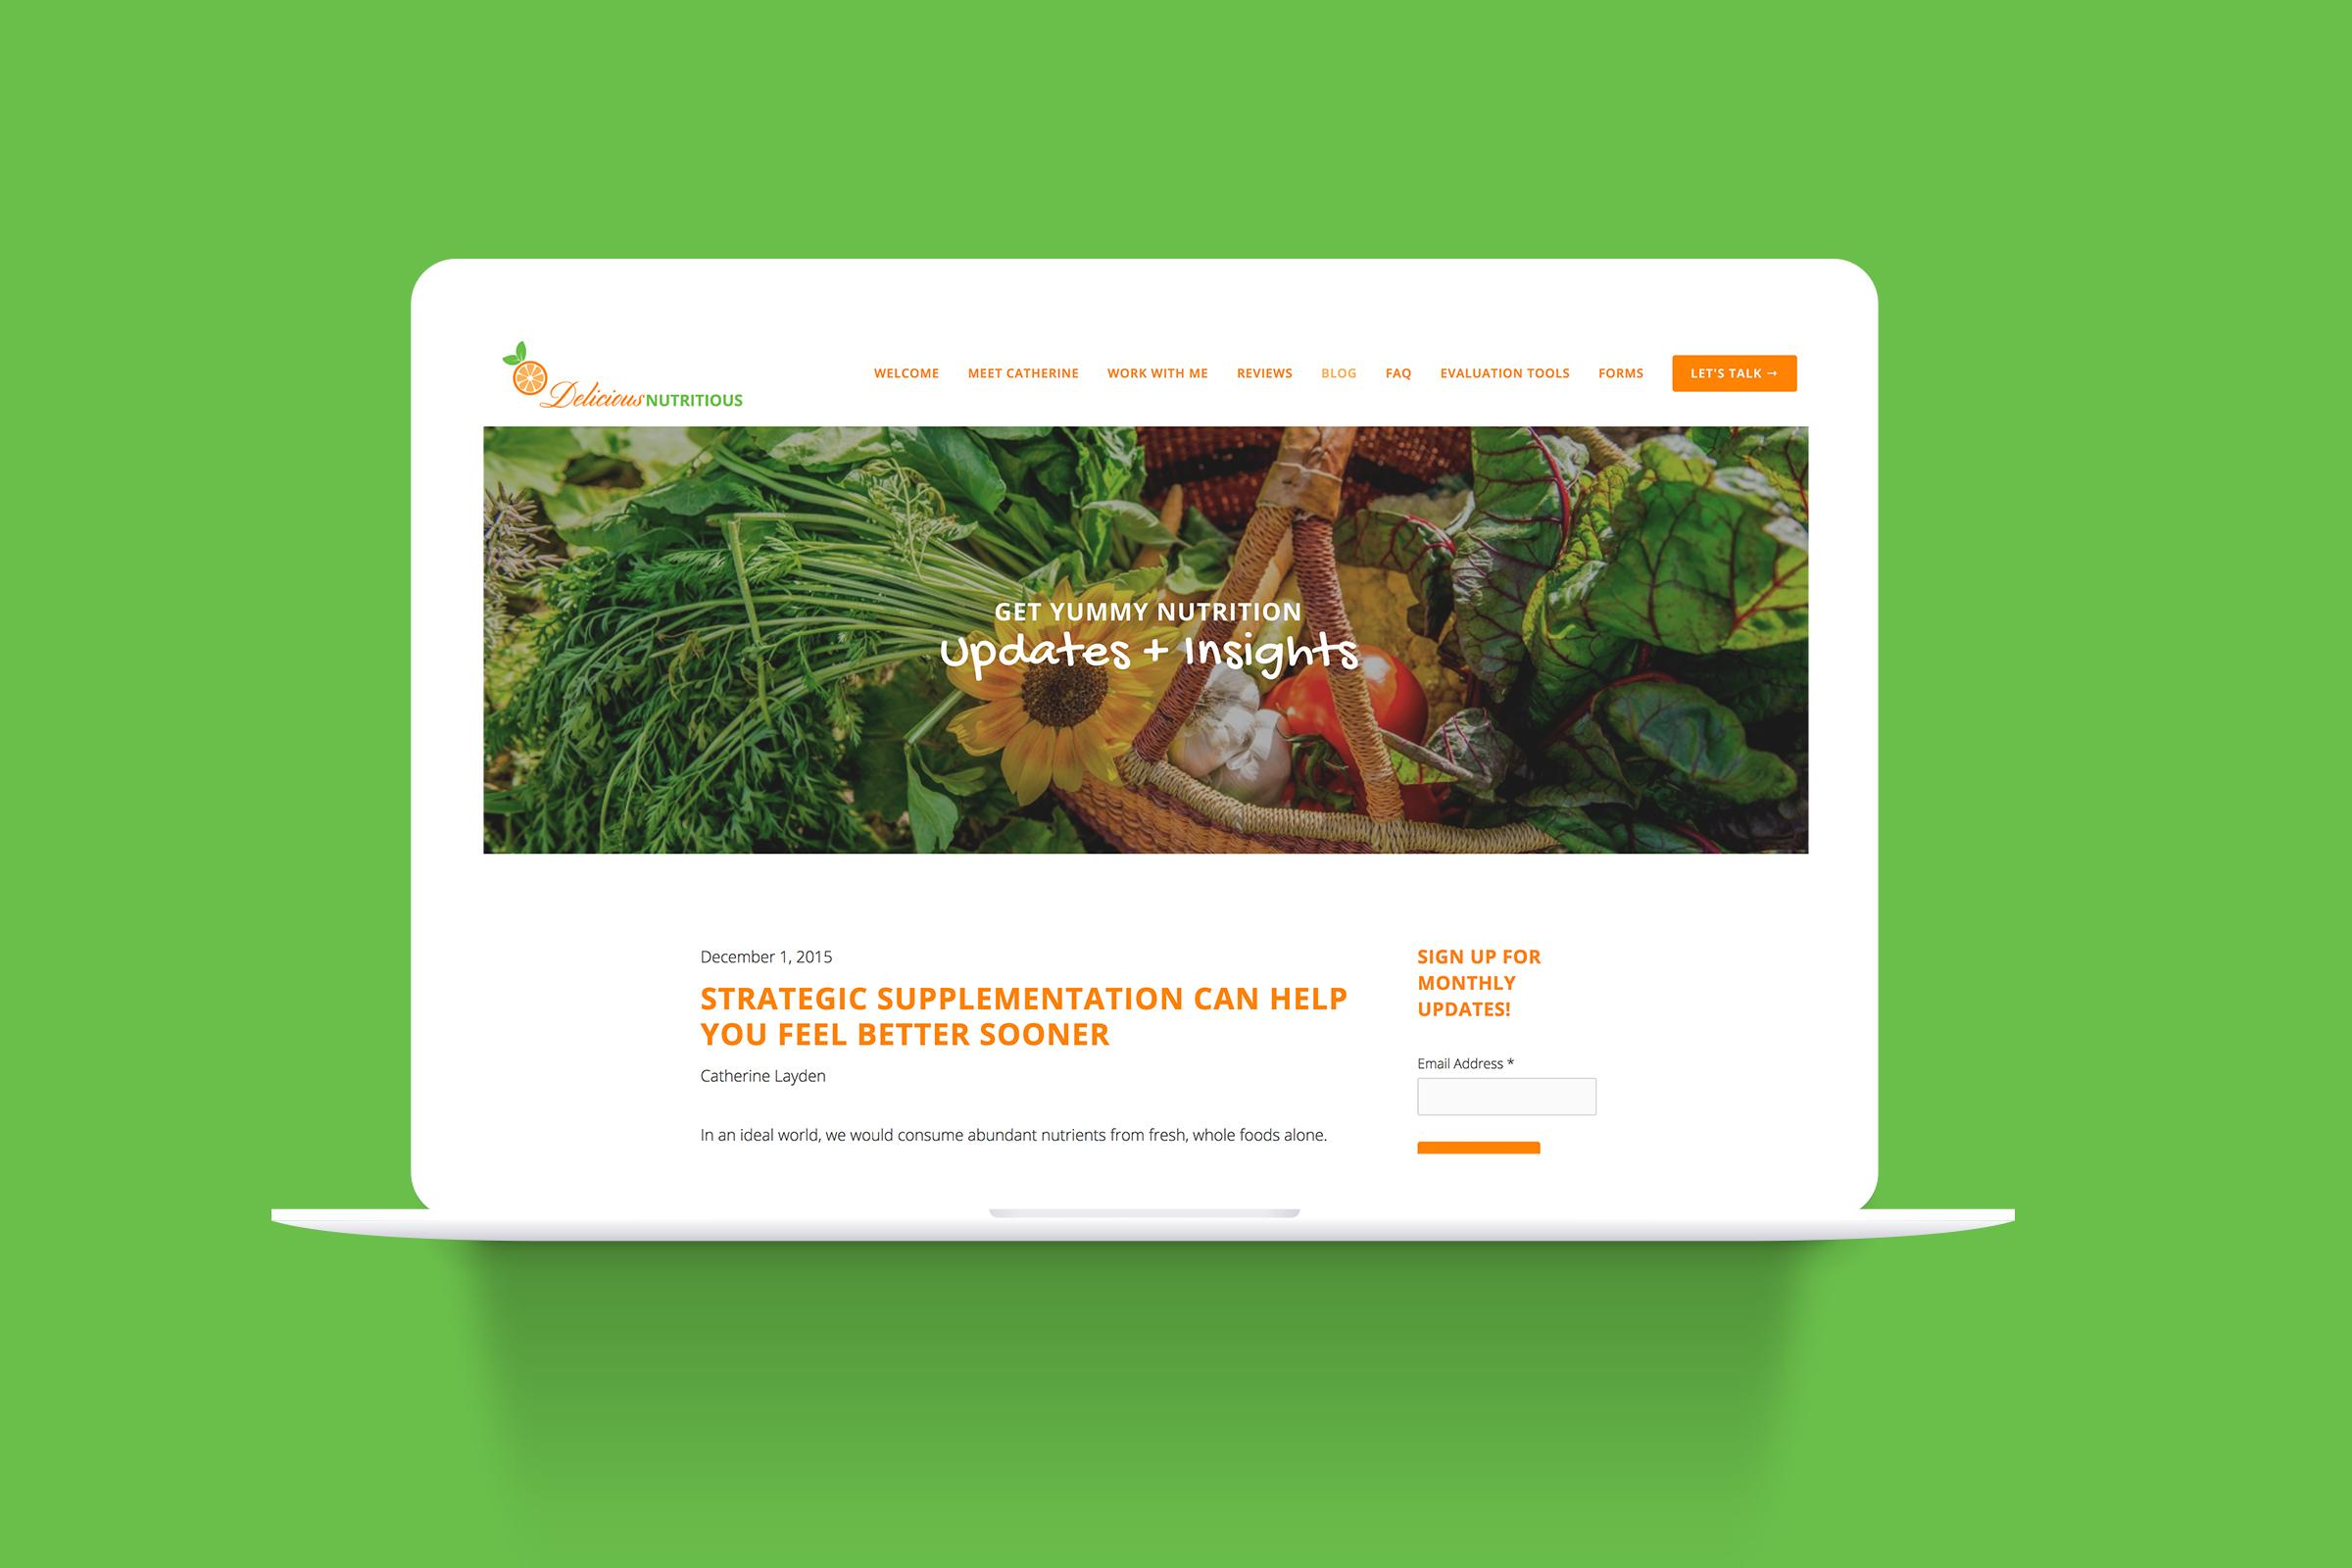 hearthfire-creative-squarespace-website-designer-denver-colorado-delicious-nutritious.jpg